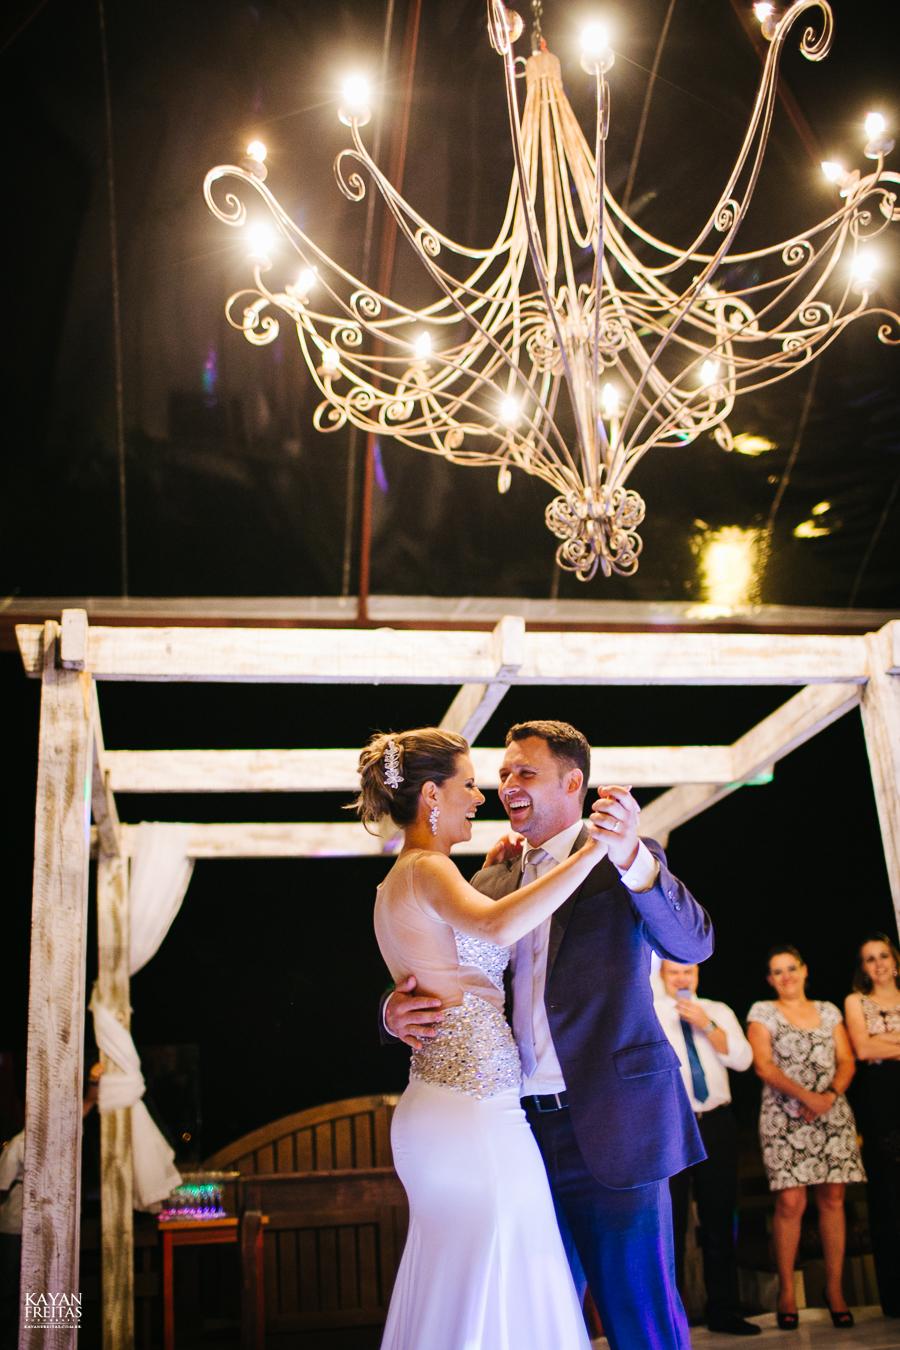 fotografo-casamento-florianopolis-jeg-0140 Joice + George - Casamento em Florianópolis - Hóteis Costa Norte